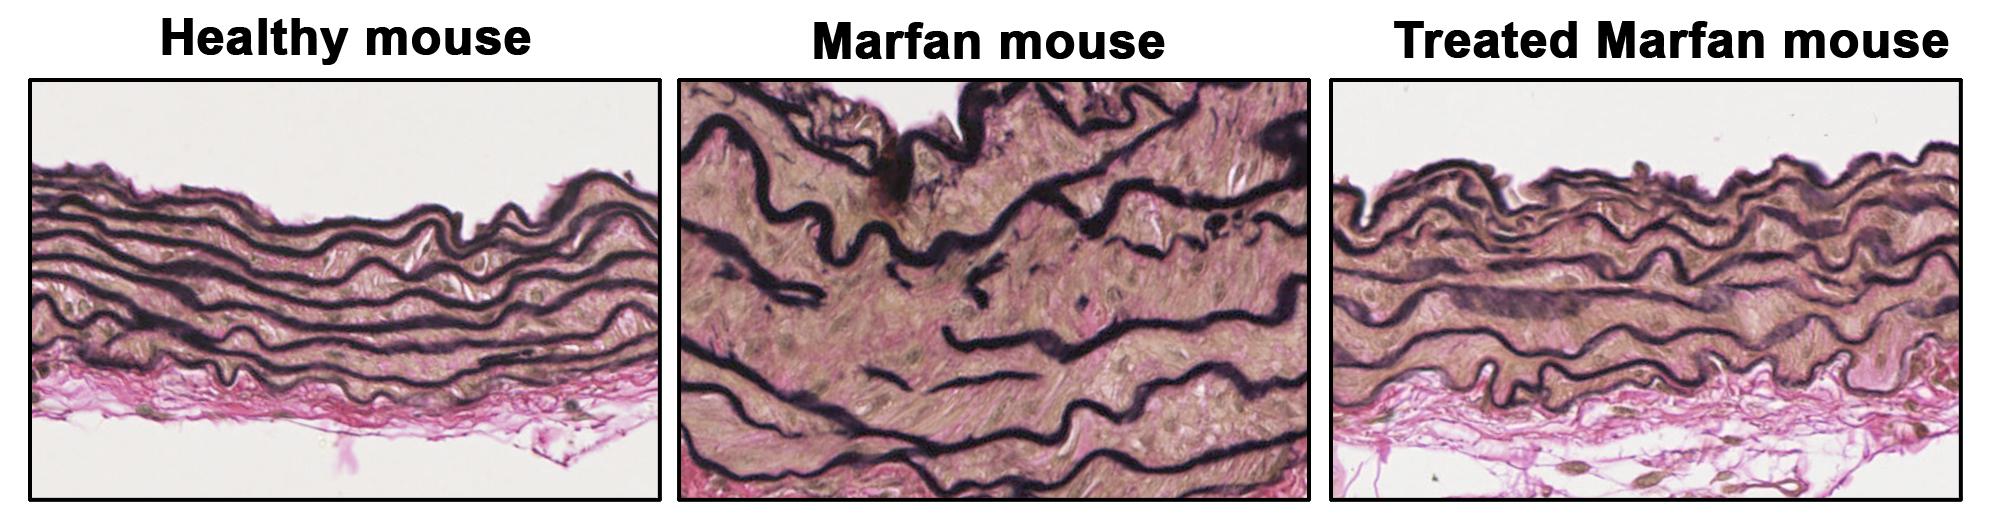 Imágenes de secciones de la arteria aorta de ratones sanos y de ratones de un modelo de síndrome de Marfan mostrando que la desintegración de las fibras elásticas (líneas negras) y el engrosamiento de la pared vascular en los ratones Marfan es revertida mediante el silenciamiento génico de la proteína Prkg1.